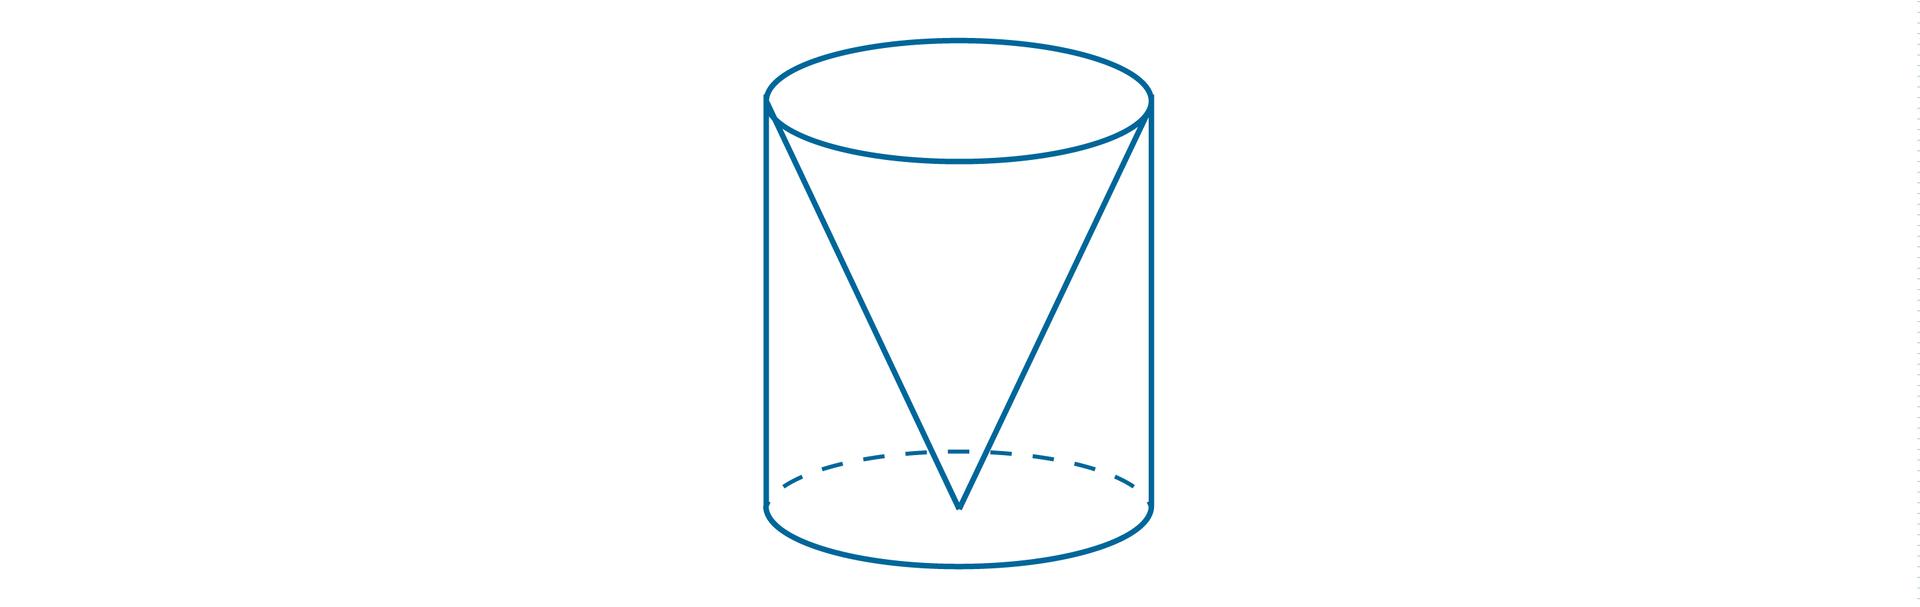 Rysunek walca iumieszczonego wnim stożka. Bryły mają te same wysokości ite same średnice podstaw.